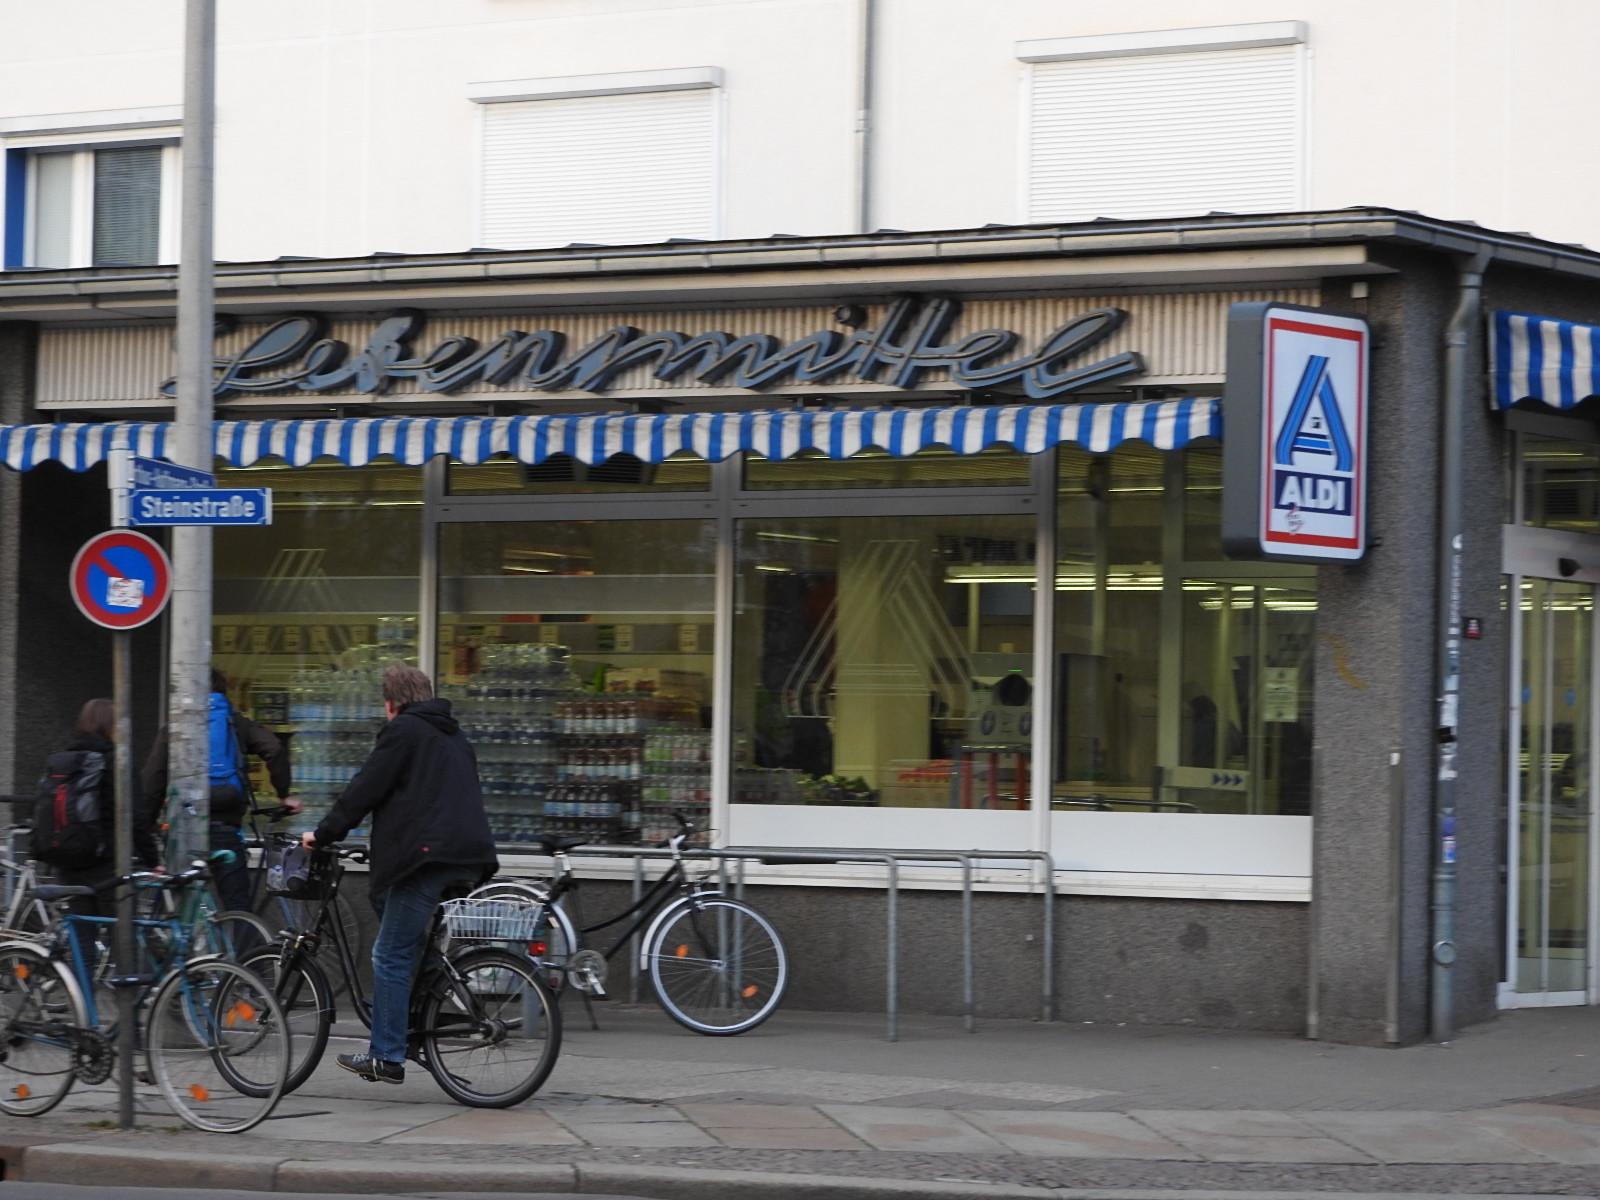 Leipzig Impessionen - Alte & neue Reklame - Auf dem Weg zum STuK